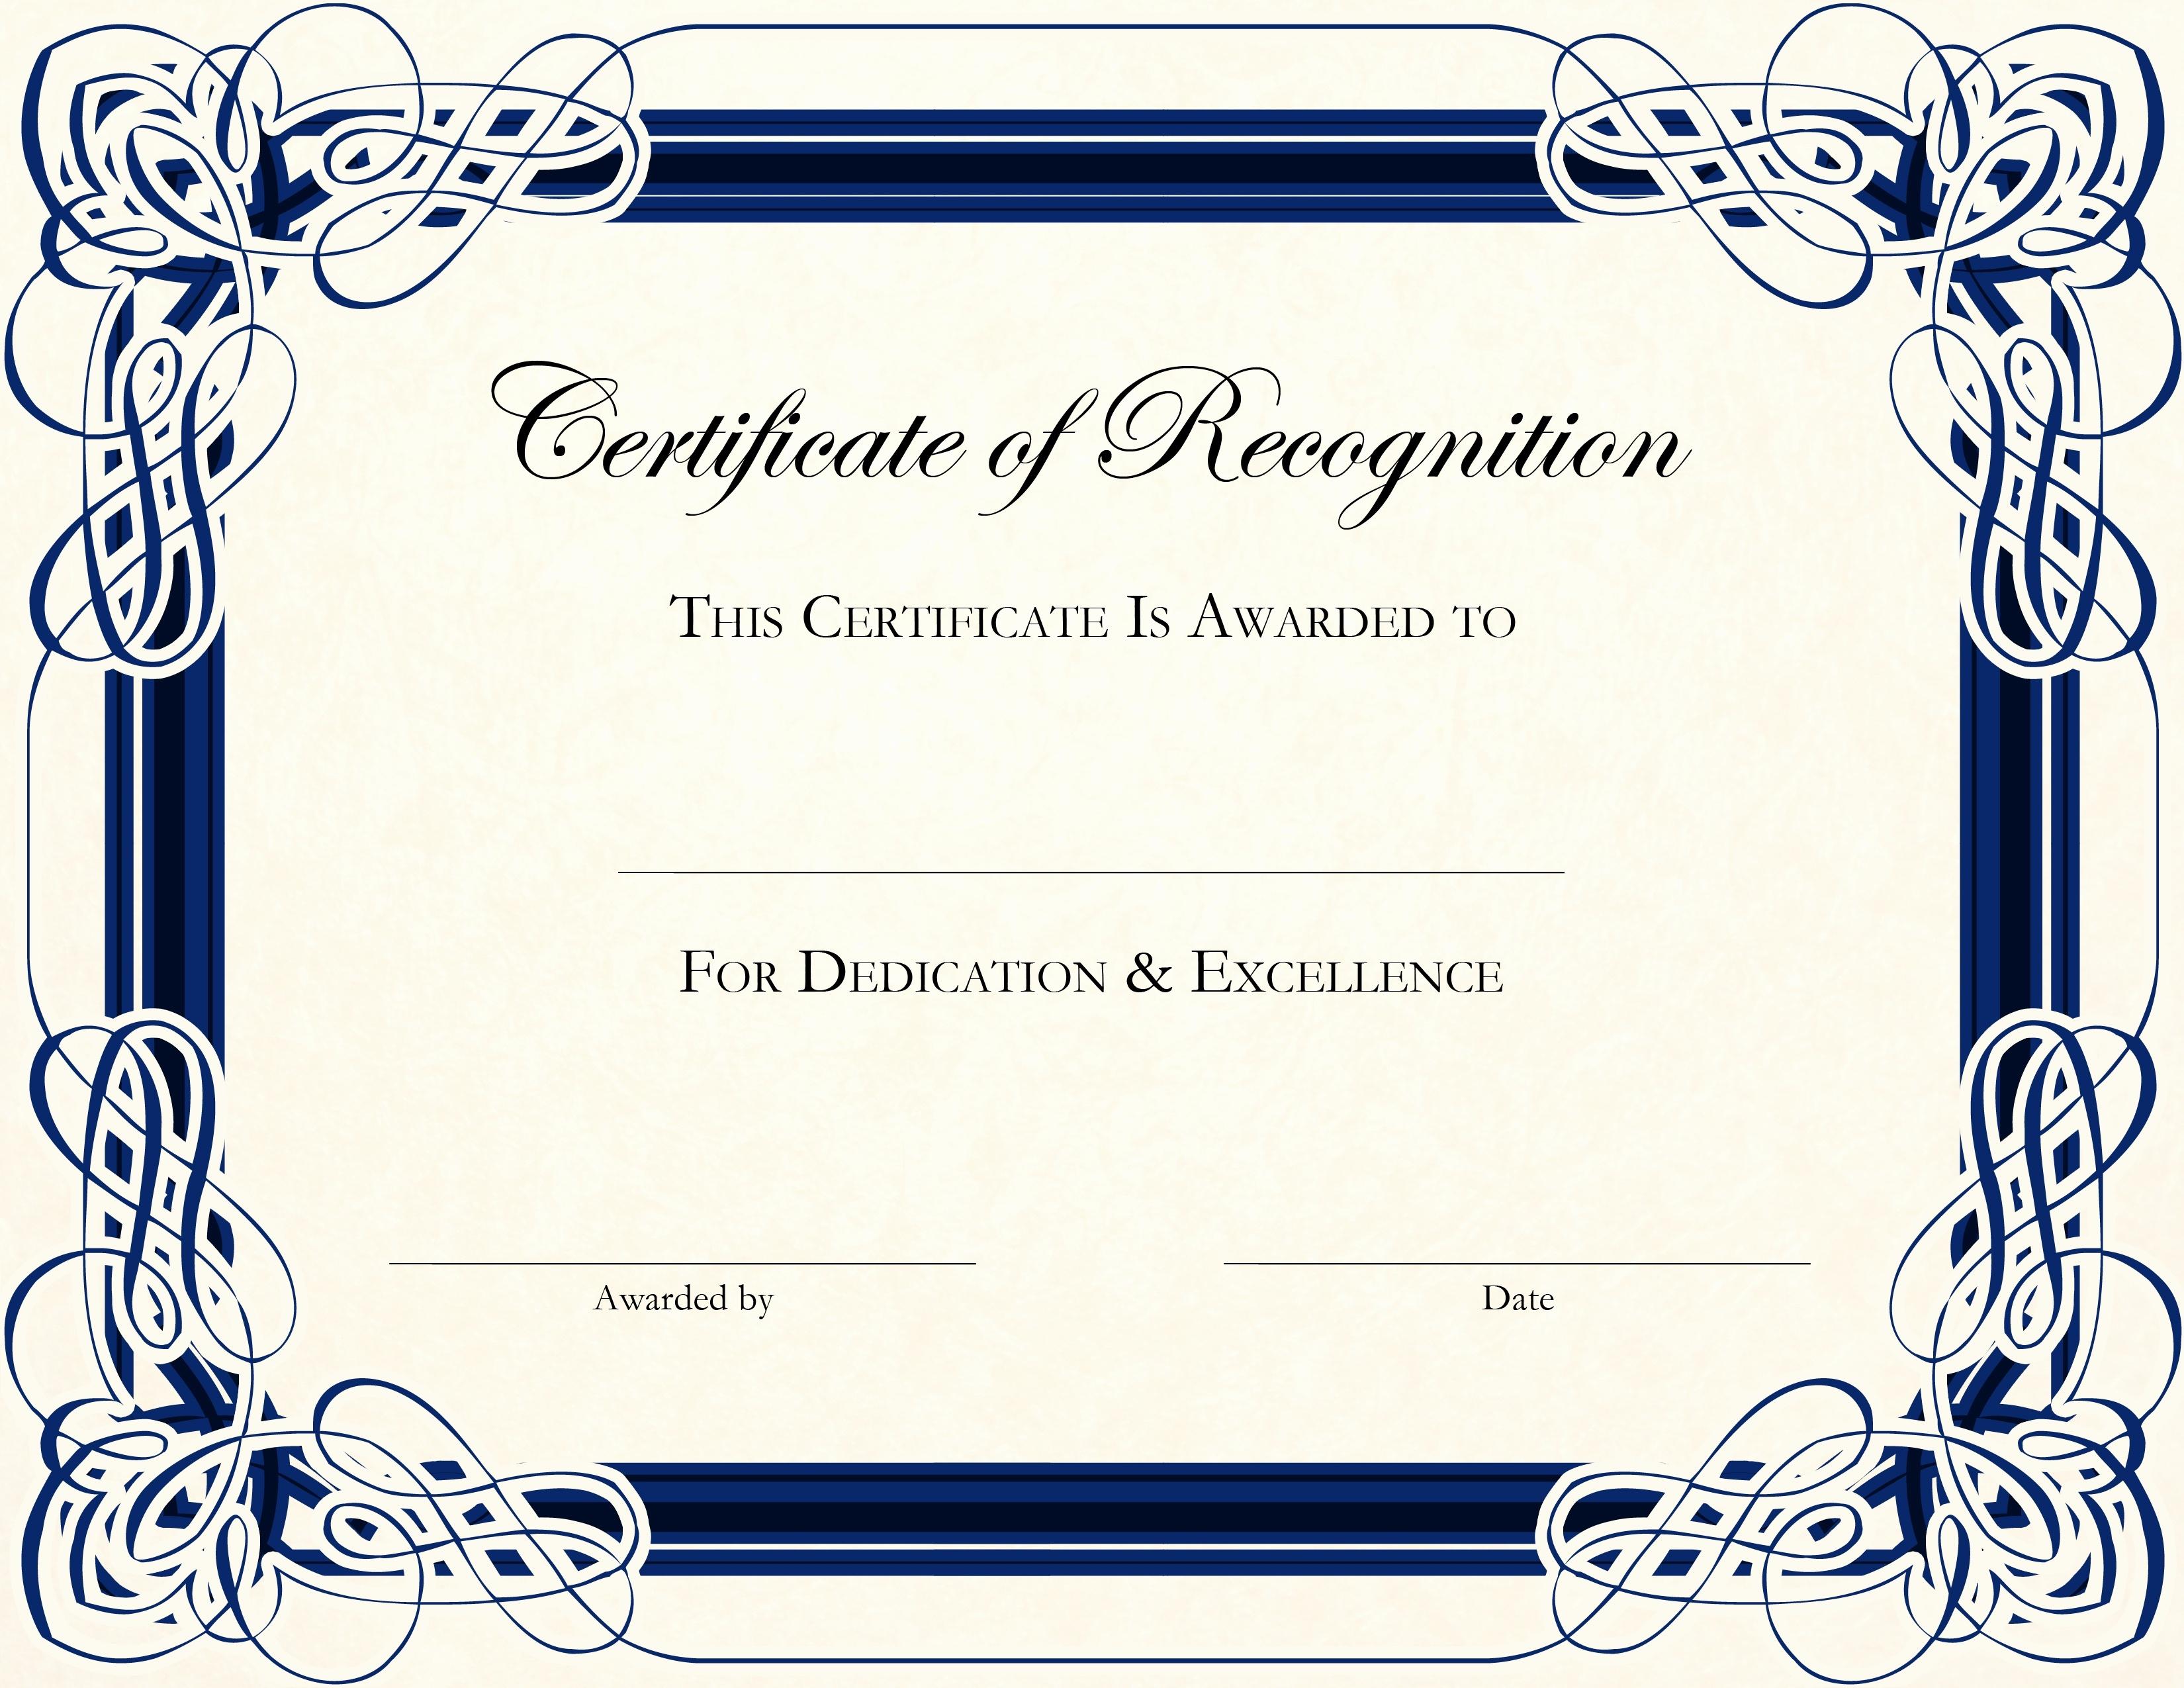 Graduati Preschool Graduation Certificate Template Free Copy - Free Printable Graduation Certificates Templates